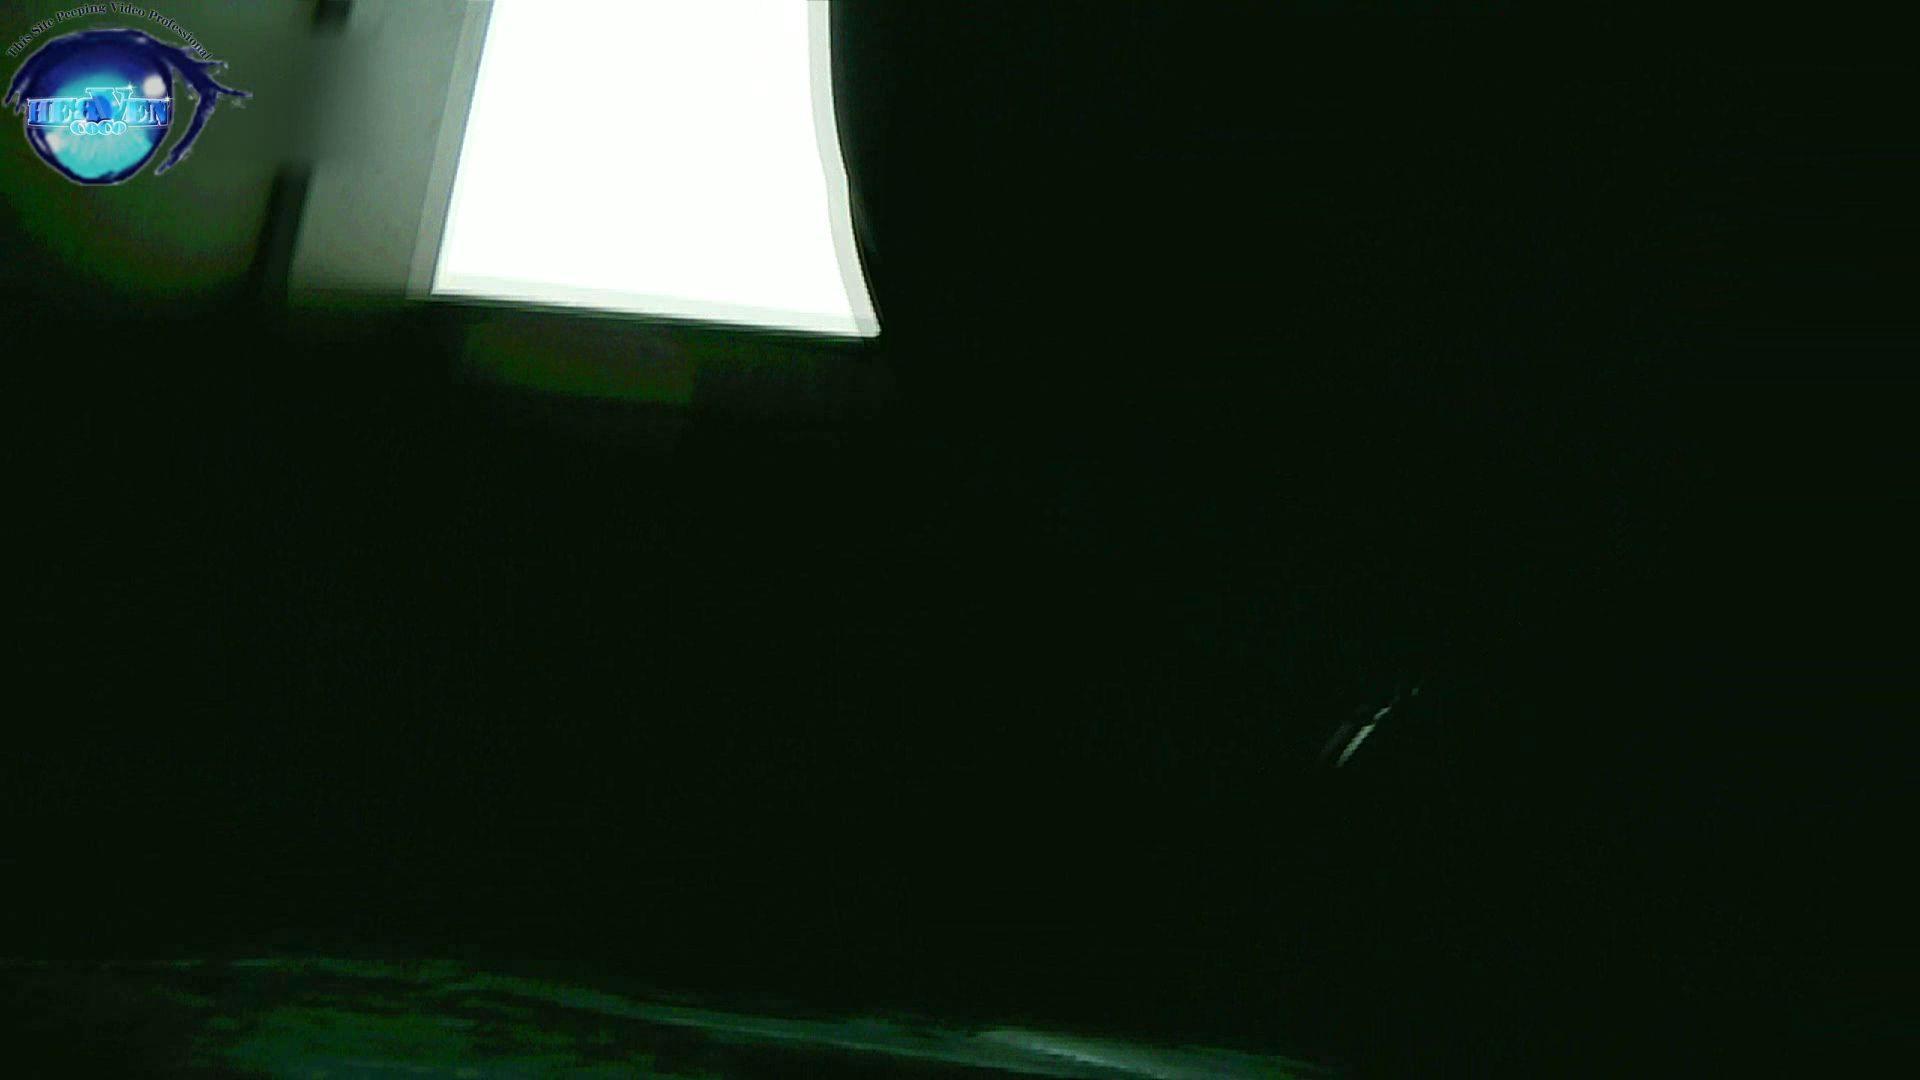 世界の射窓から vol.29 後編 洗面所 | OLのエロ生活  90連発 25